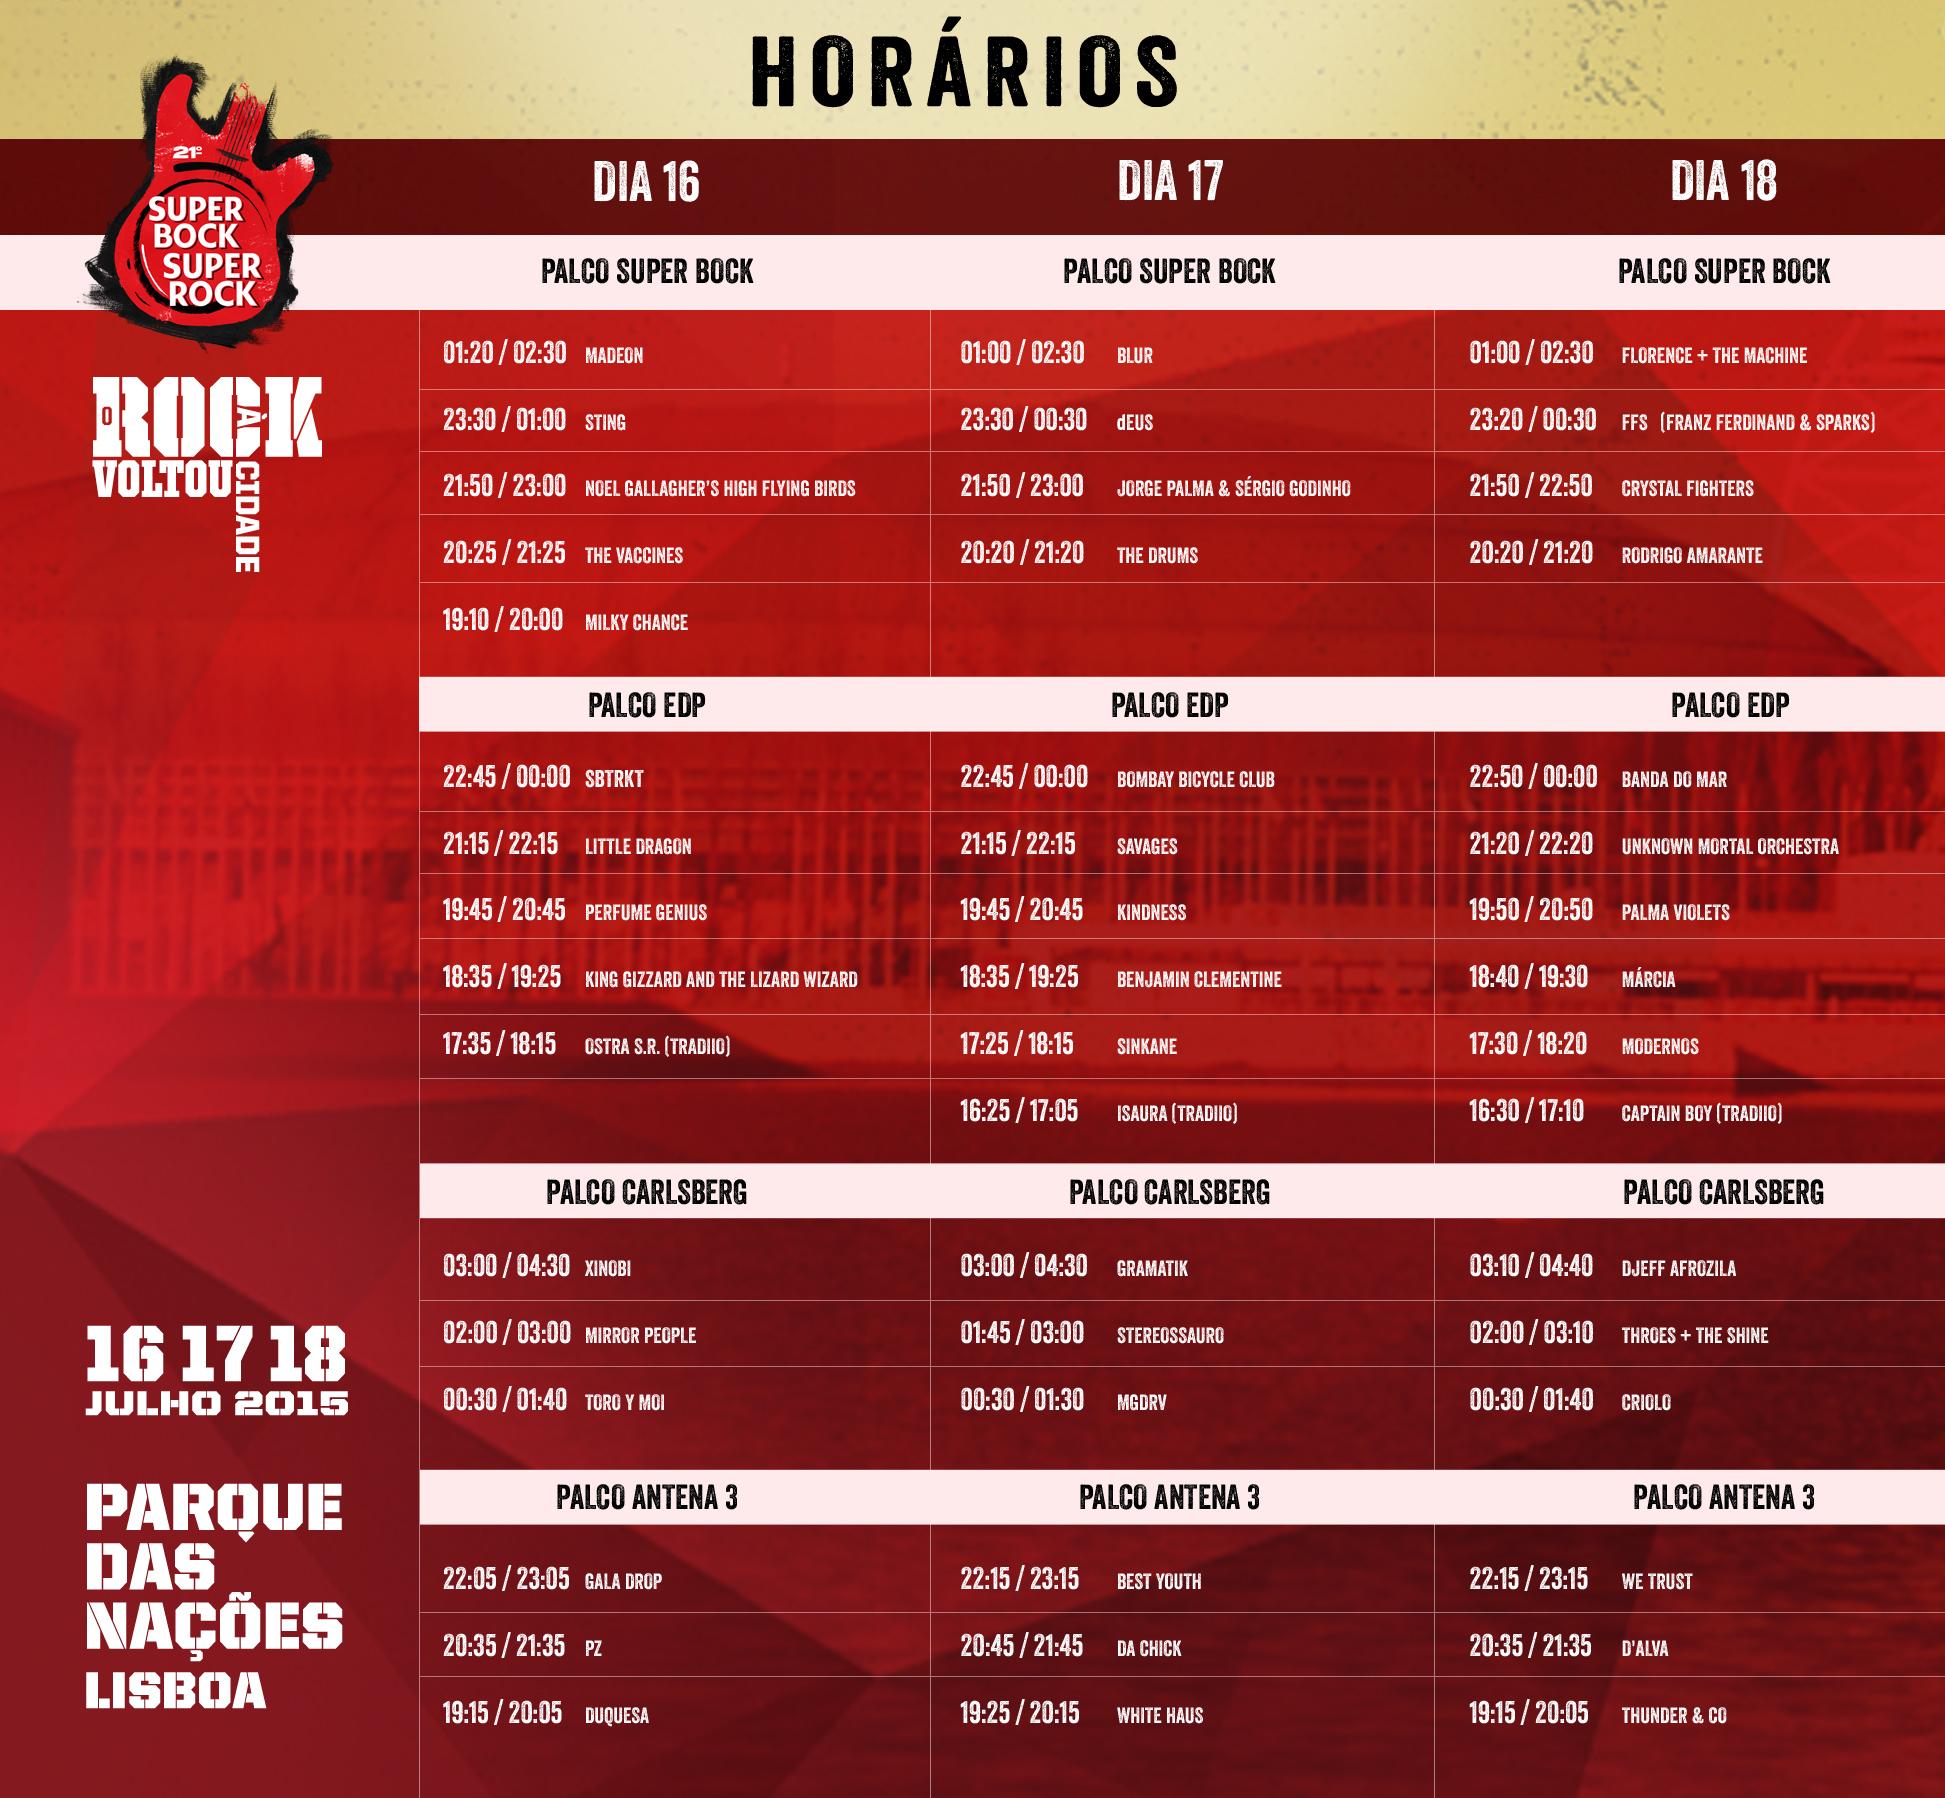 cartaz_horarios-4.jpg